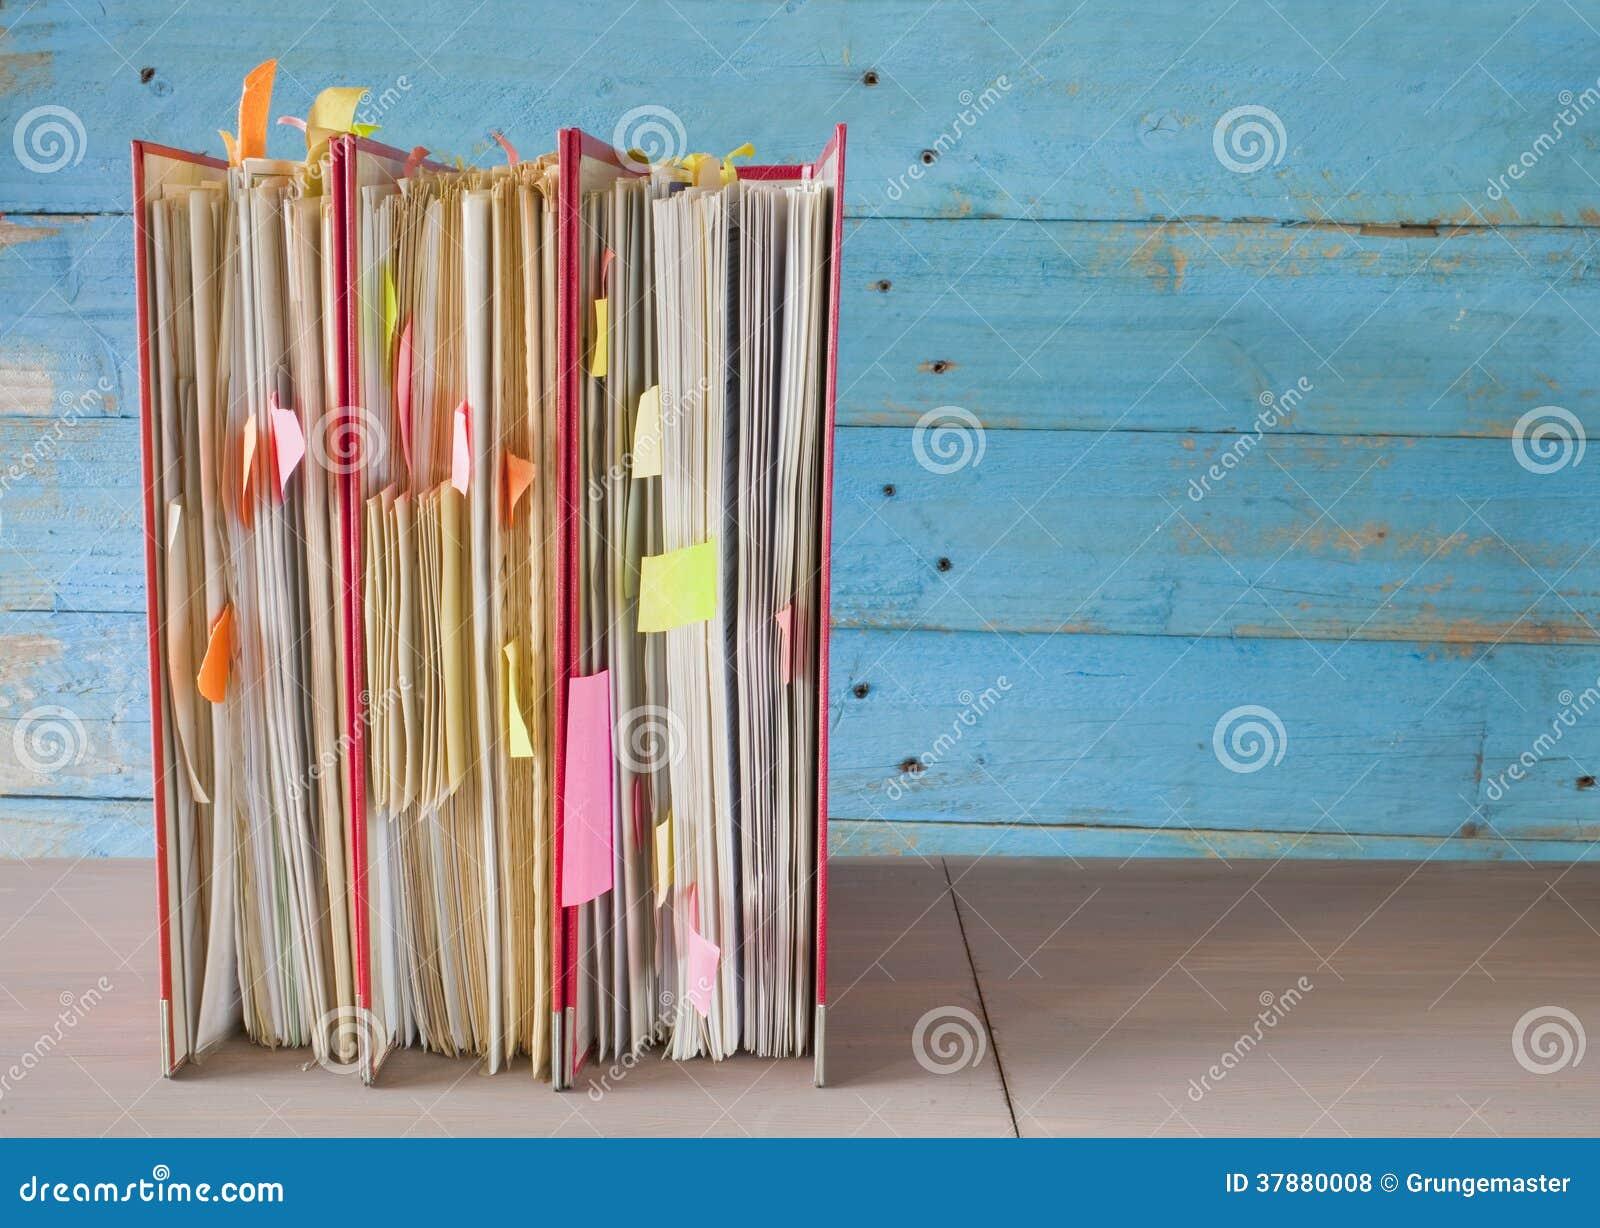 Υπόλοιπος κόσμος των φακέλλων αρχείων με τα ακατάστατα έγγραφα, ελεύθερο διάστημα αντιγράφων